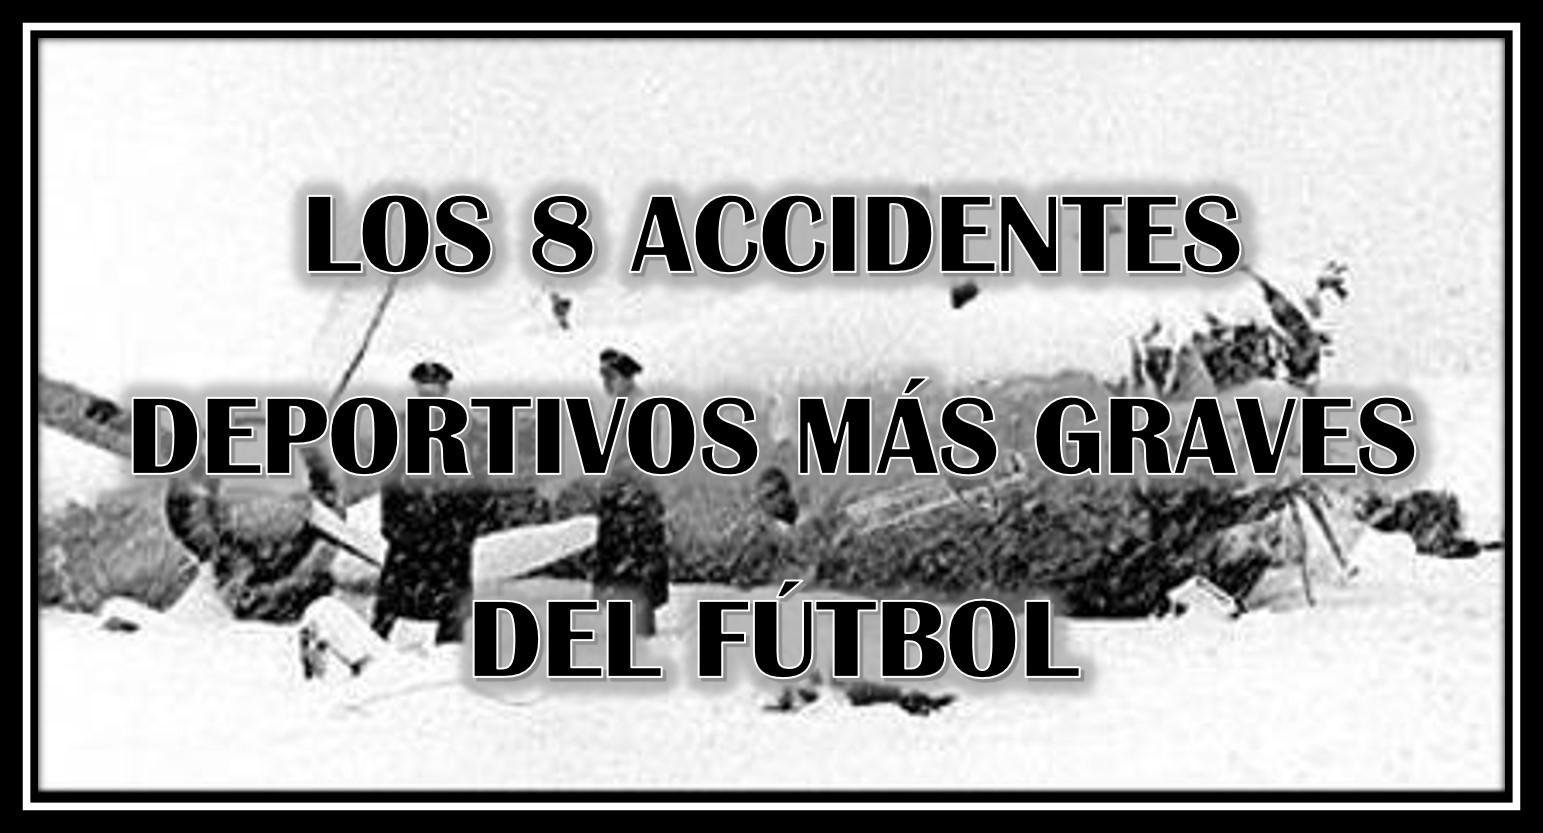 Los 8 Accidentes deportivos más graves del fútbol